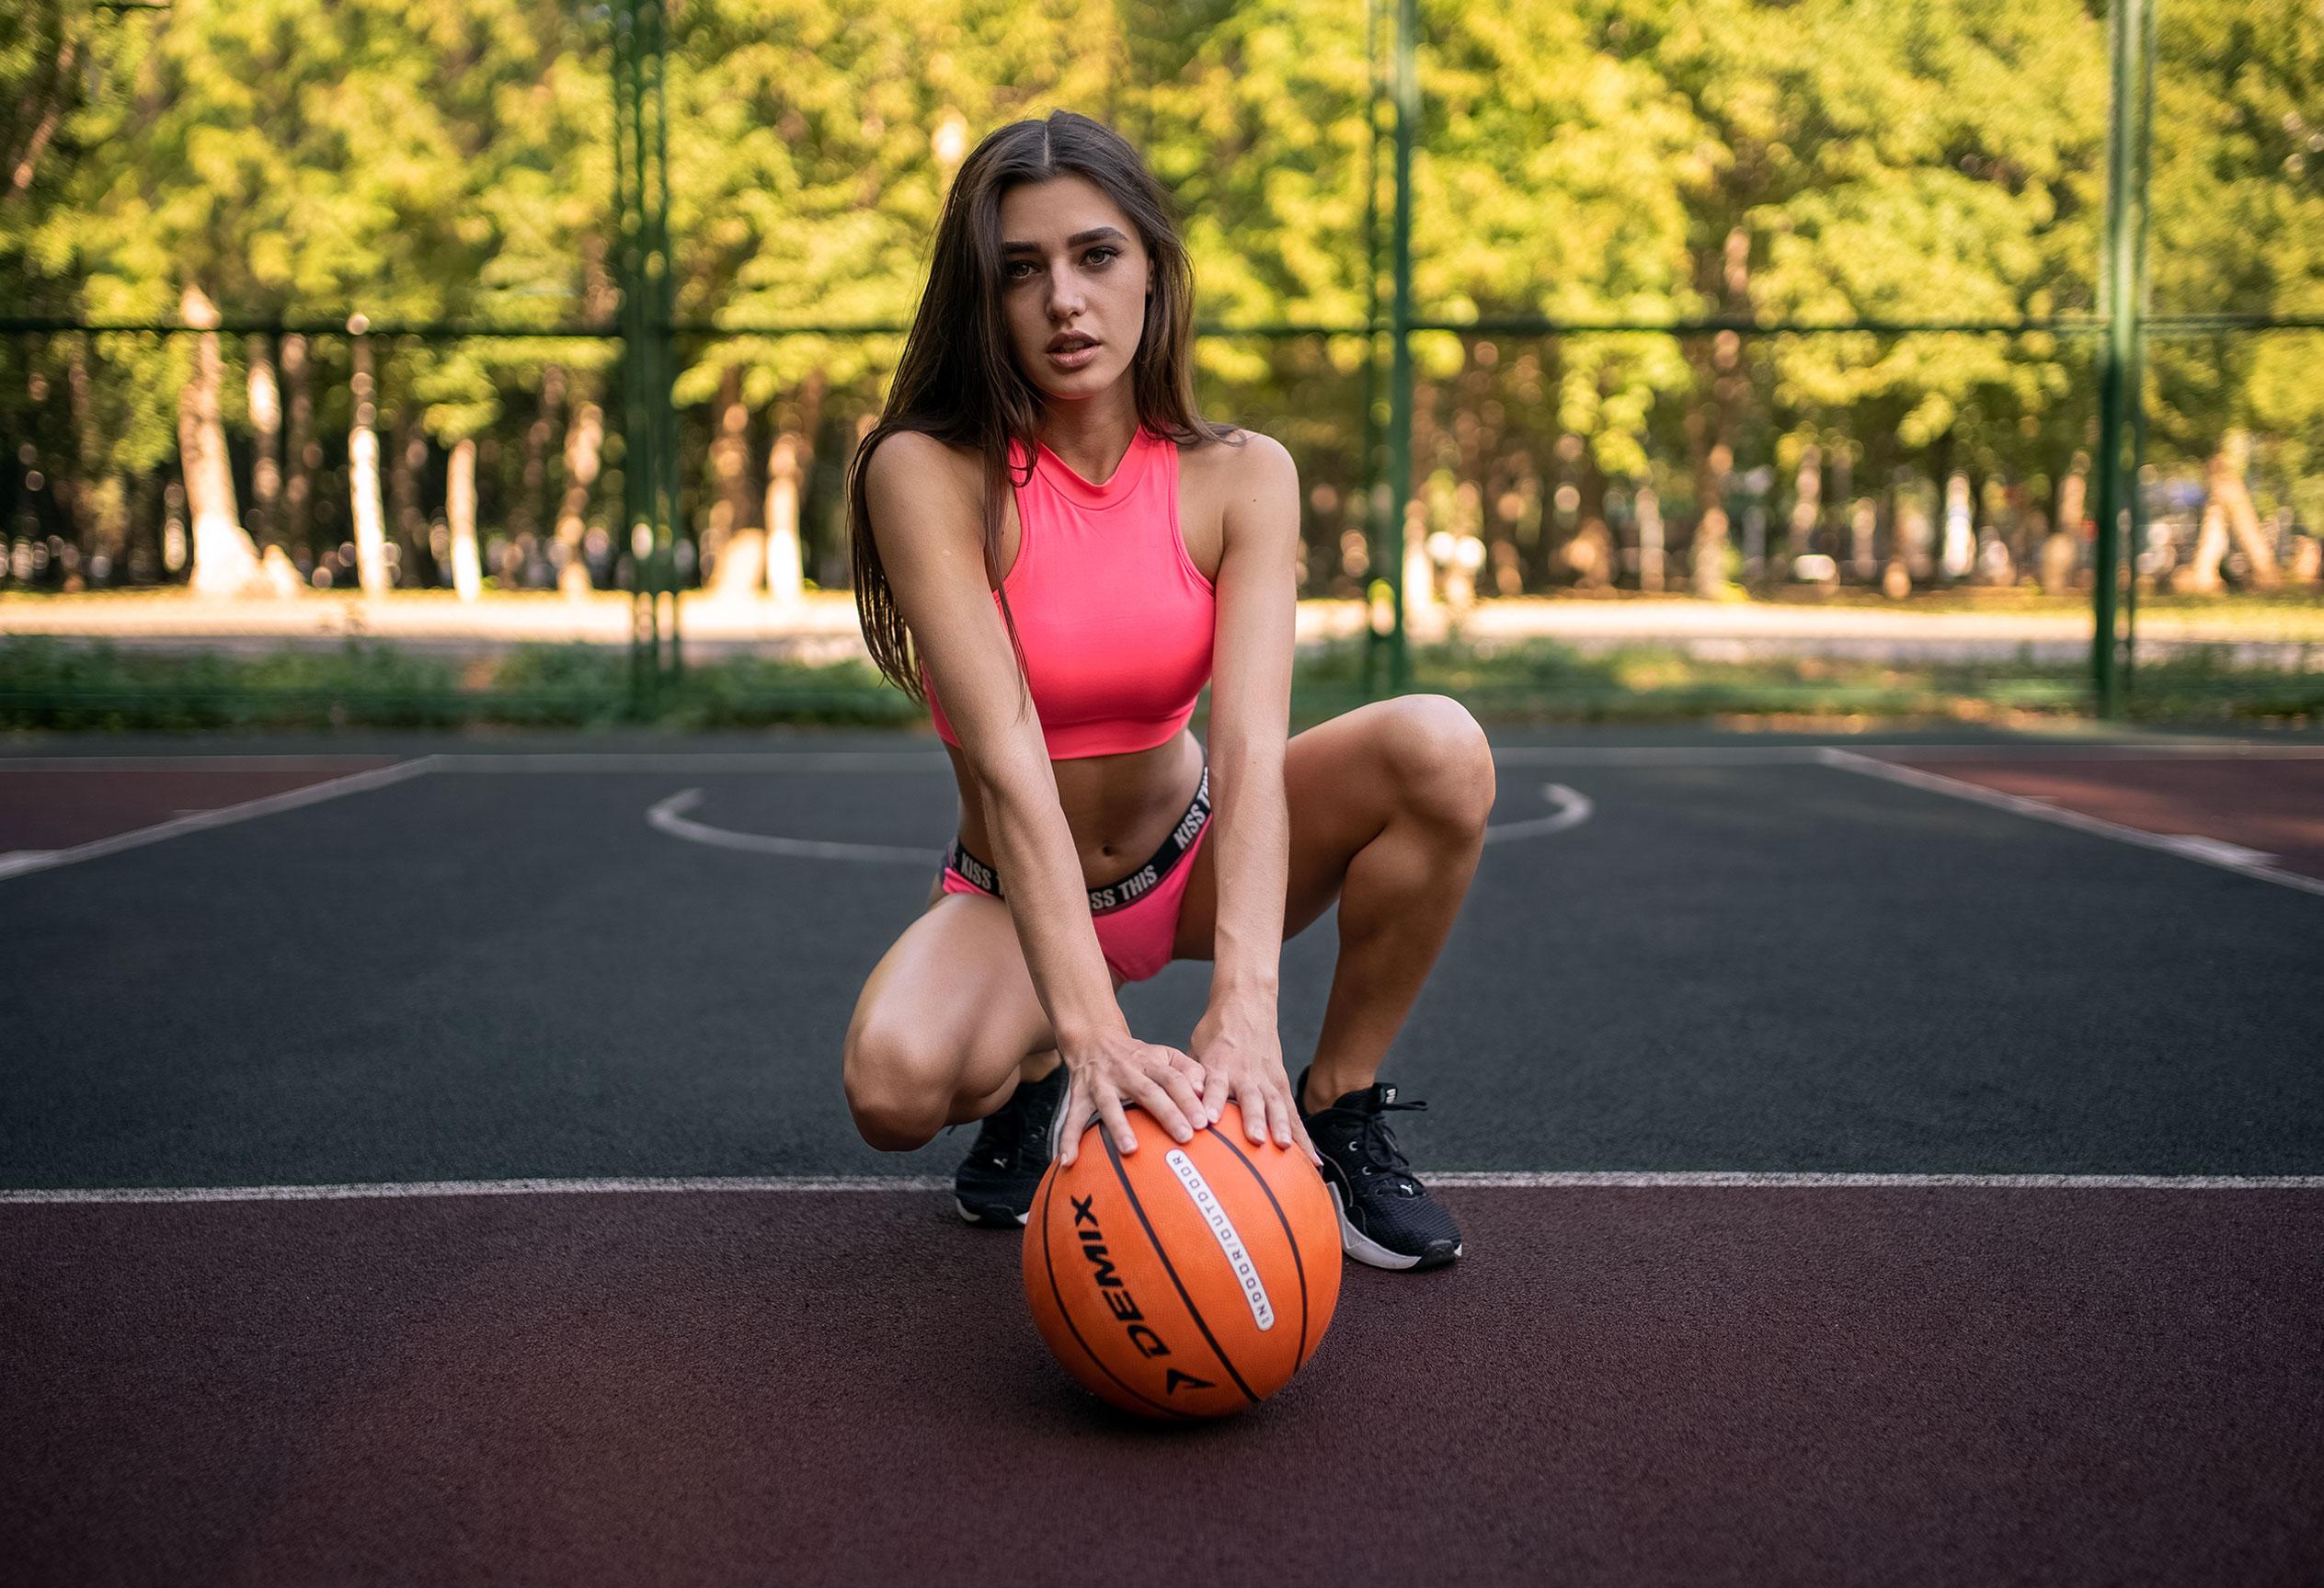 Алина Науменко на баскетбольной площадке / фото 08